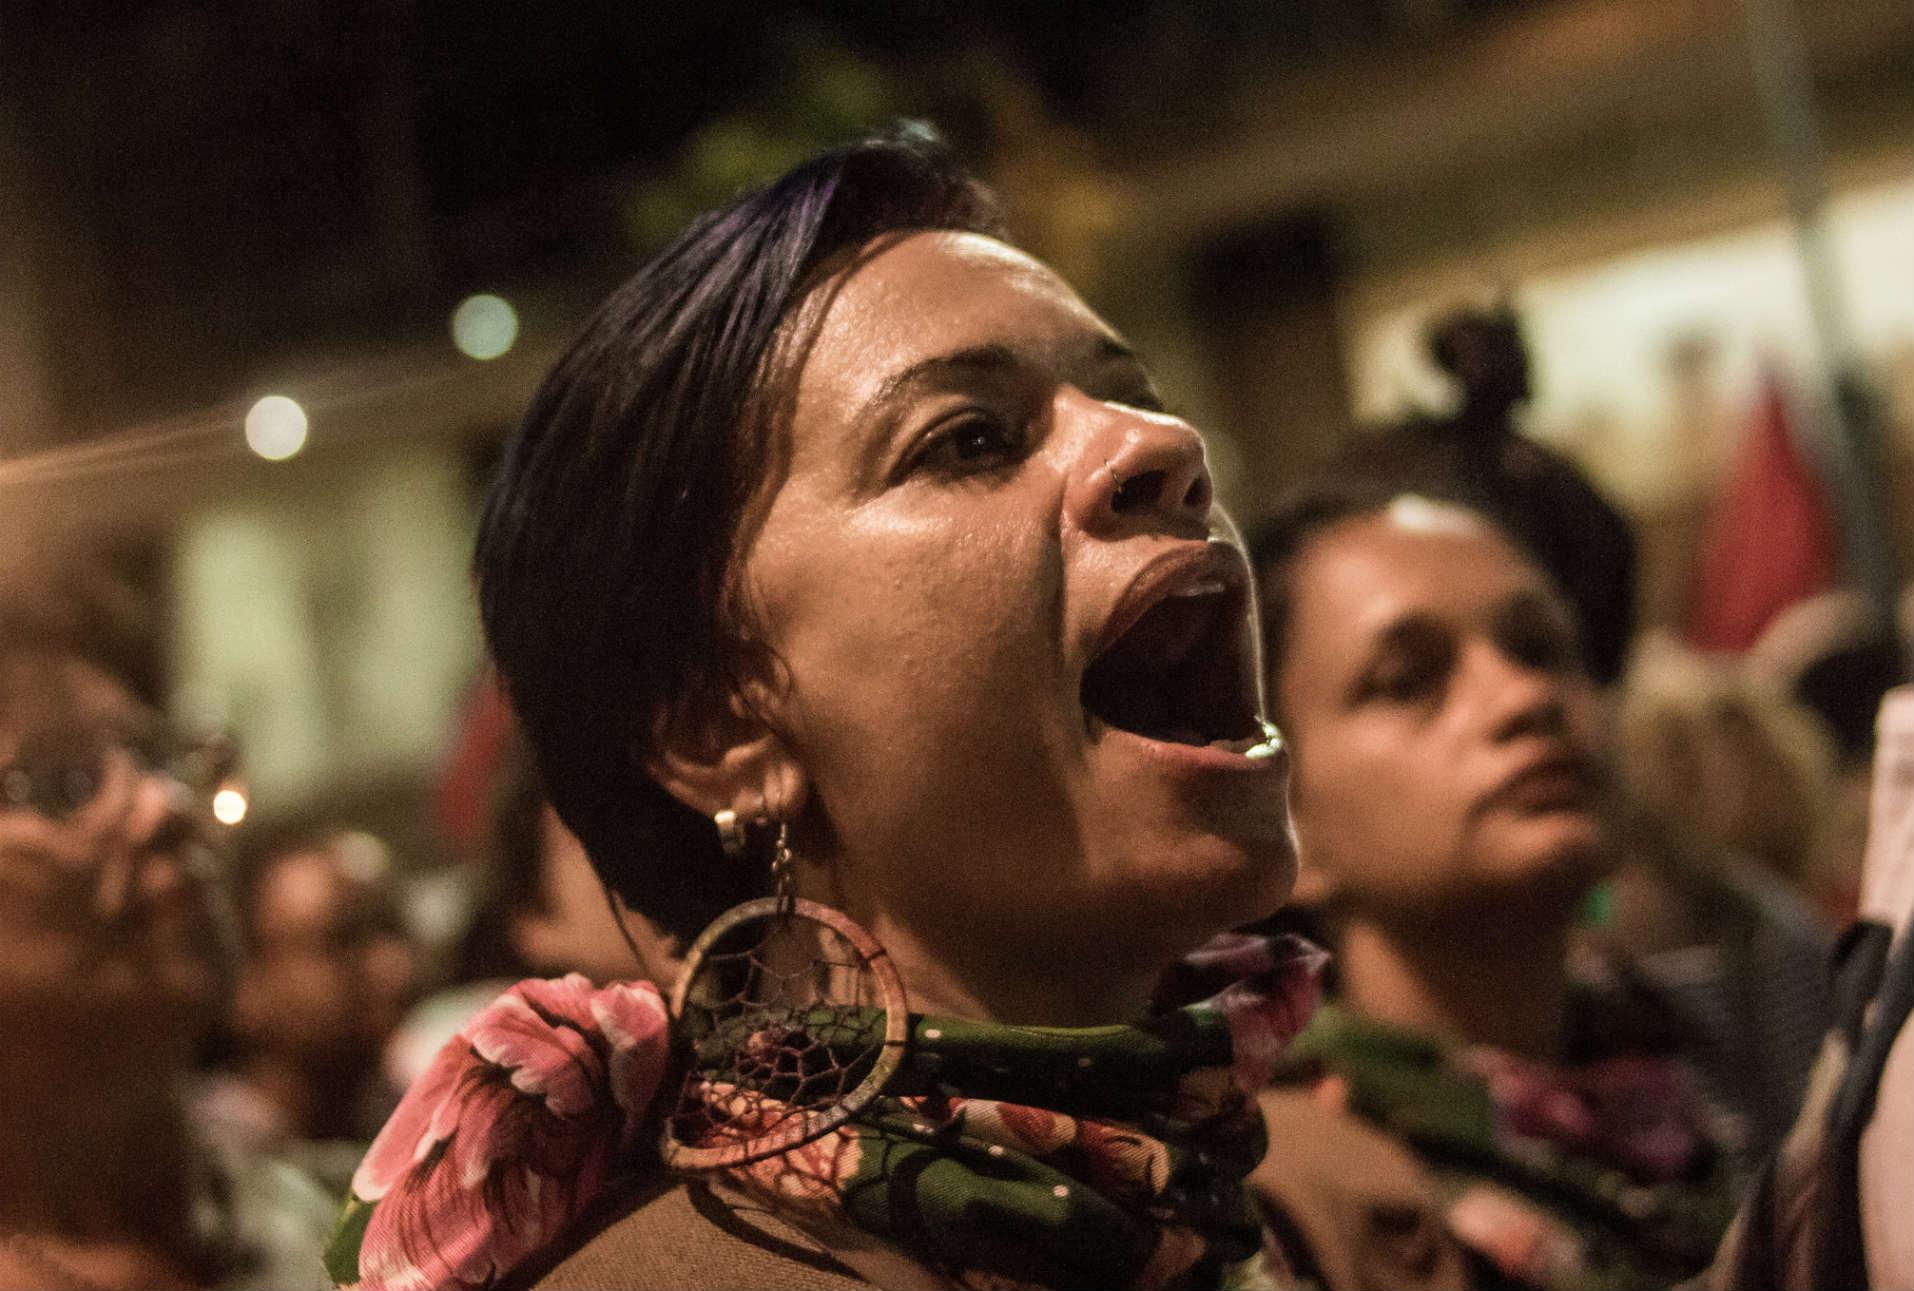 Tribunal de Paraguay revoca censura a publicación contra la violencia machista